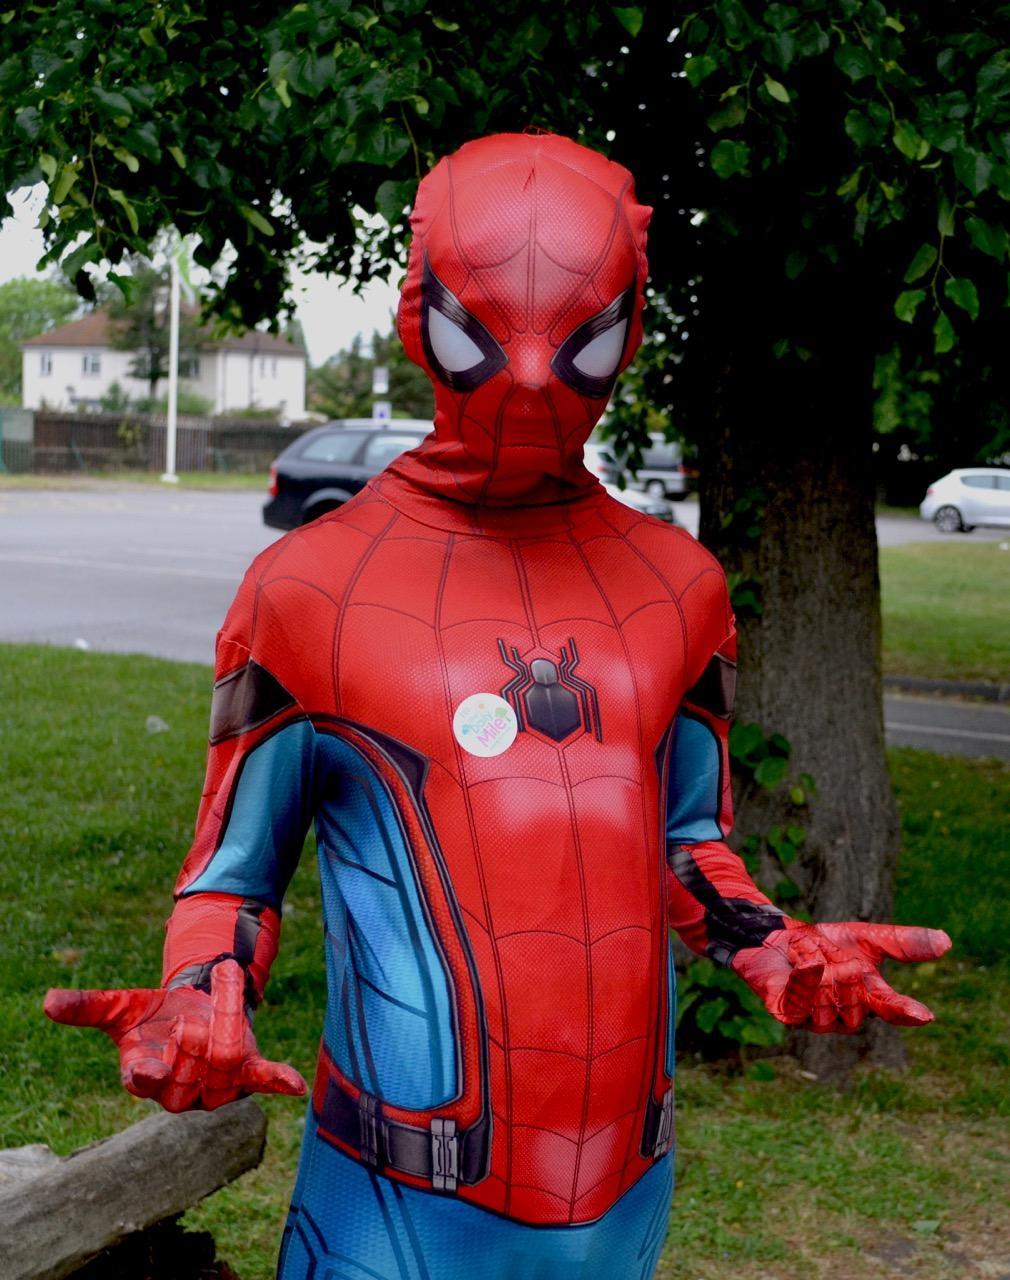 Runner dressed as spiderman